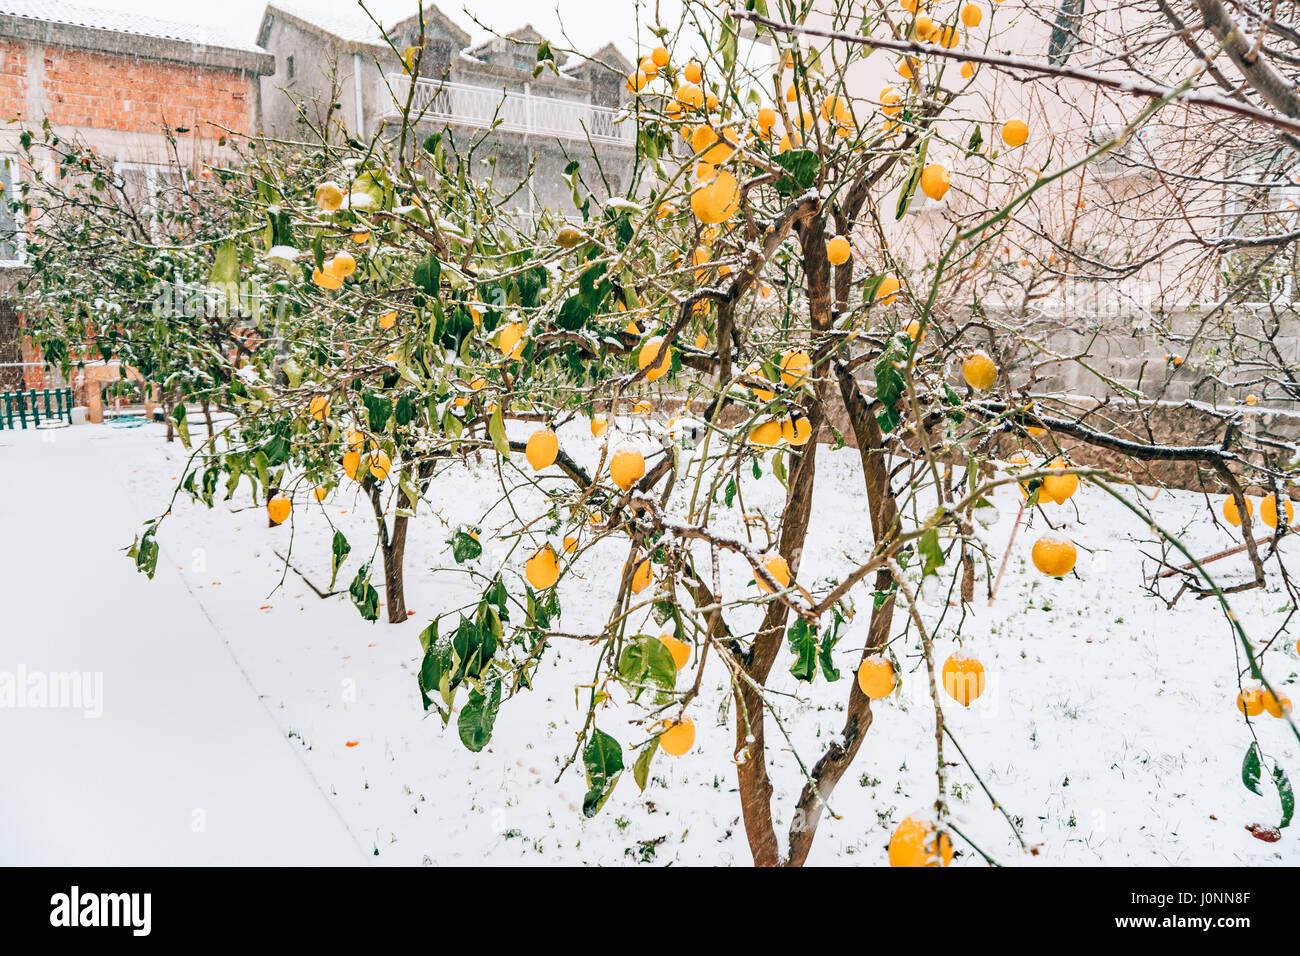 lemon garden in winter lemon tree with yellow lemons in the snow